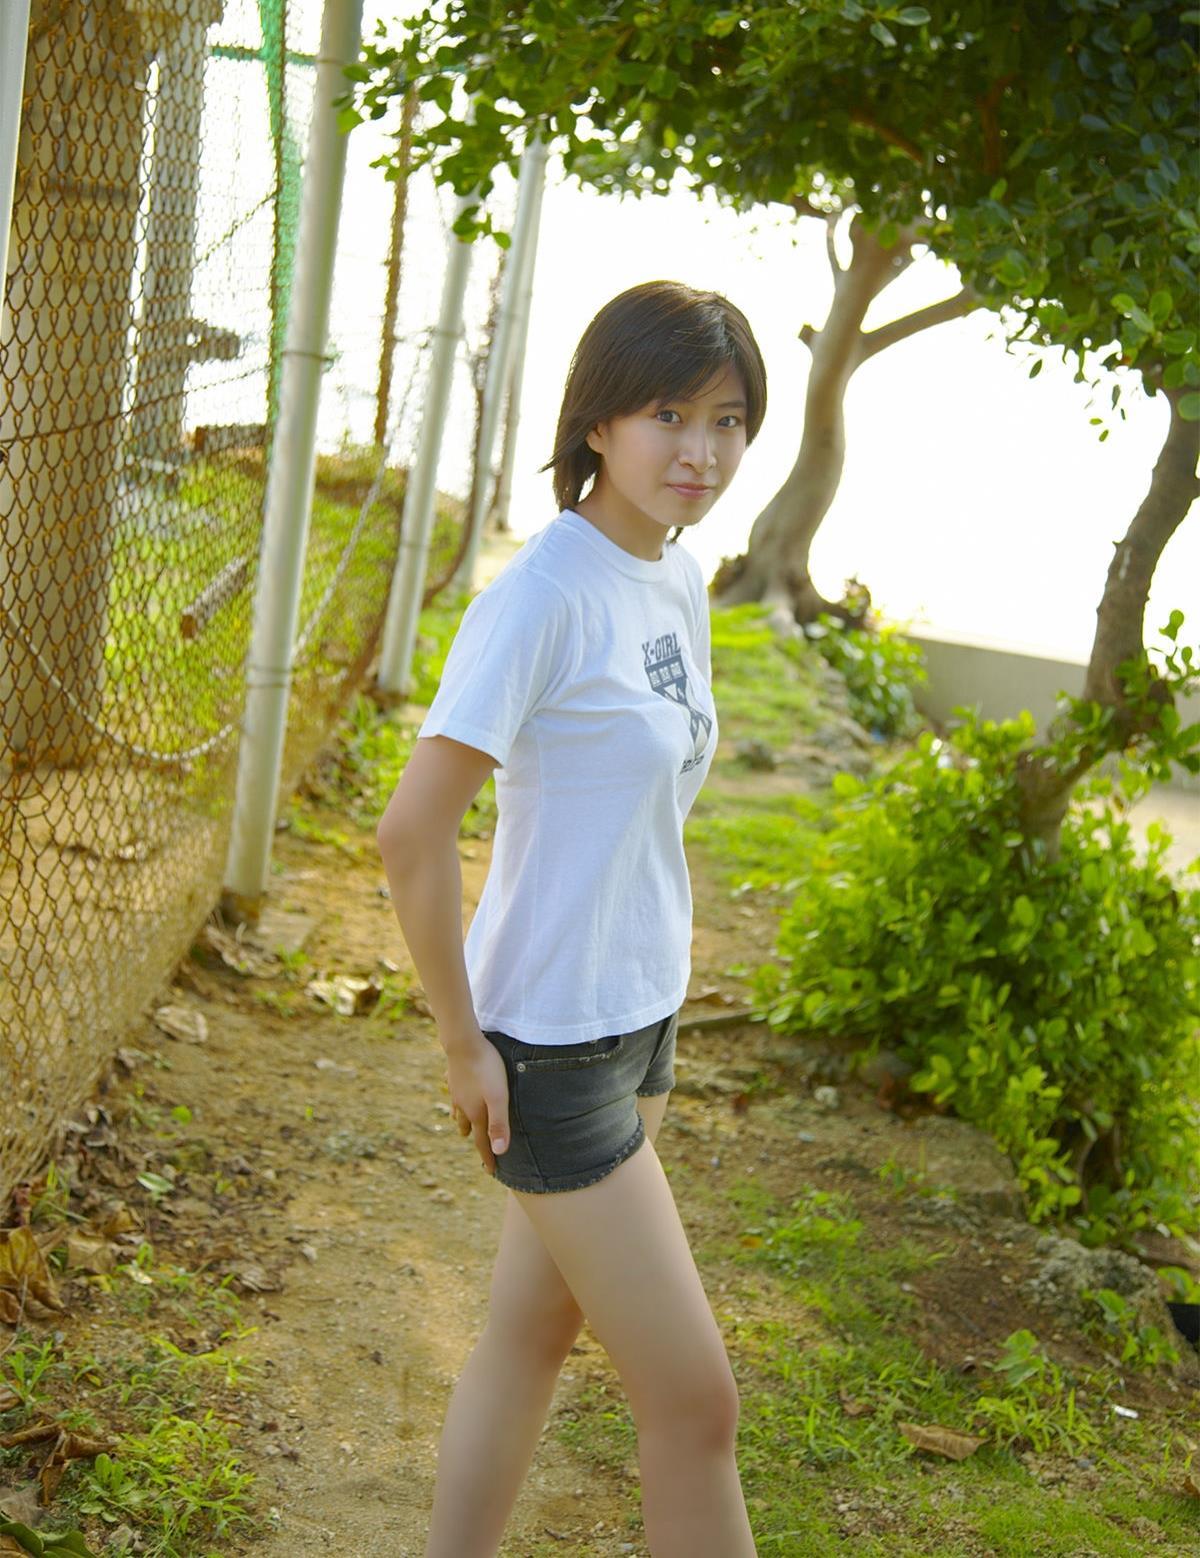 南沢奈央 画像 54